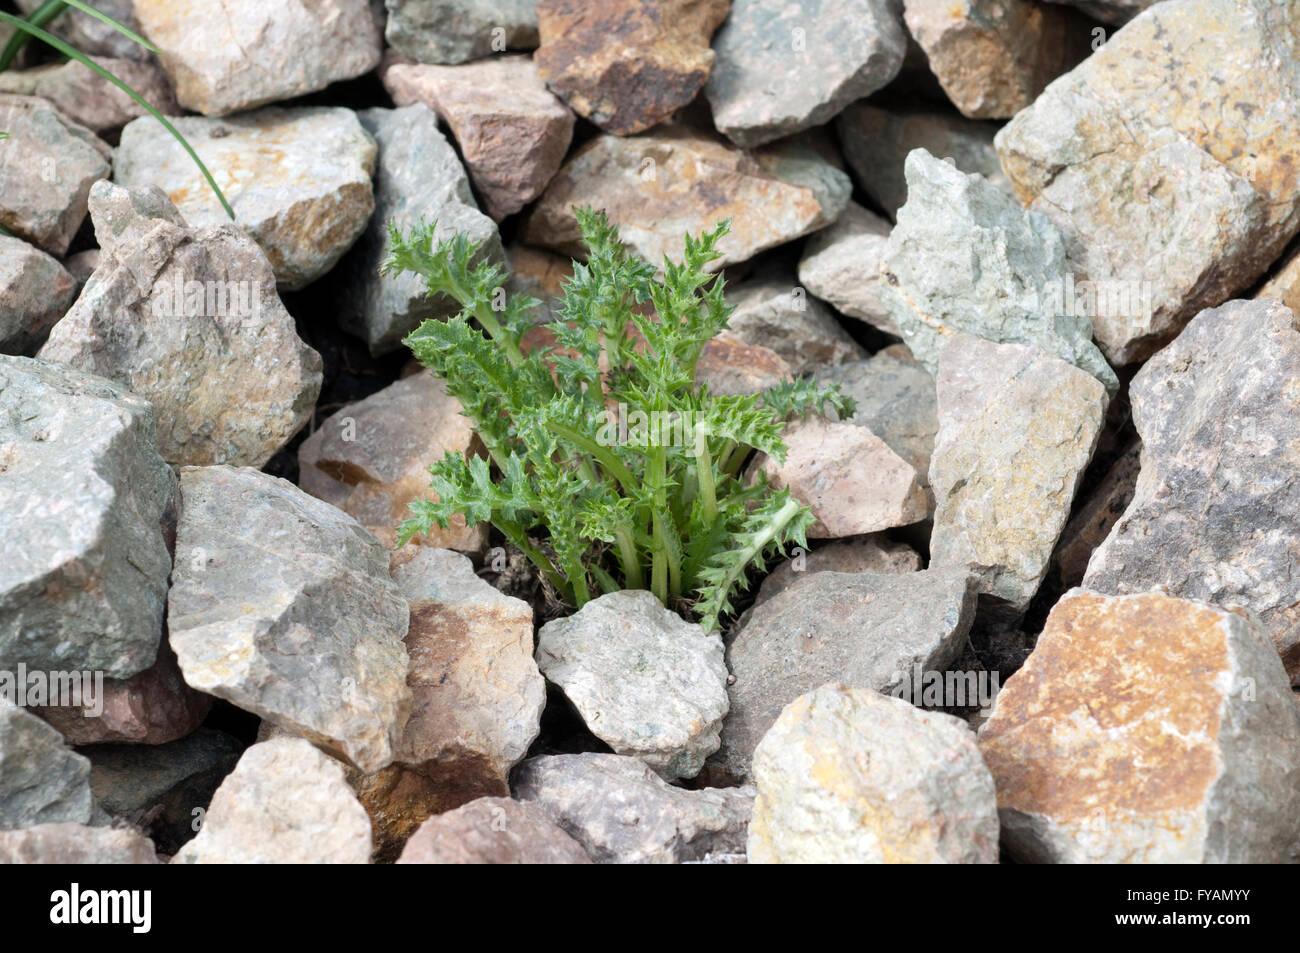 Silberdistel; Carlina; acaulis; Keimling, Sproessling, Sprosse, Jungpflanze, Aufzucht, jung, gruen; Blatt; Pflanze, - Stock Image